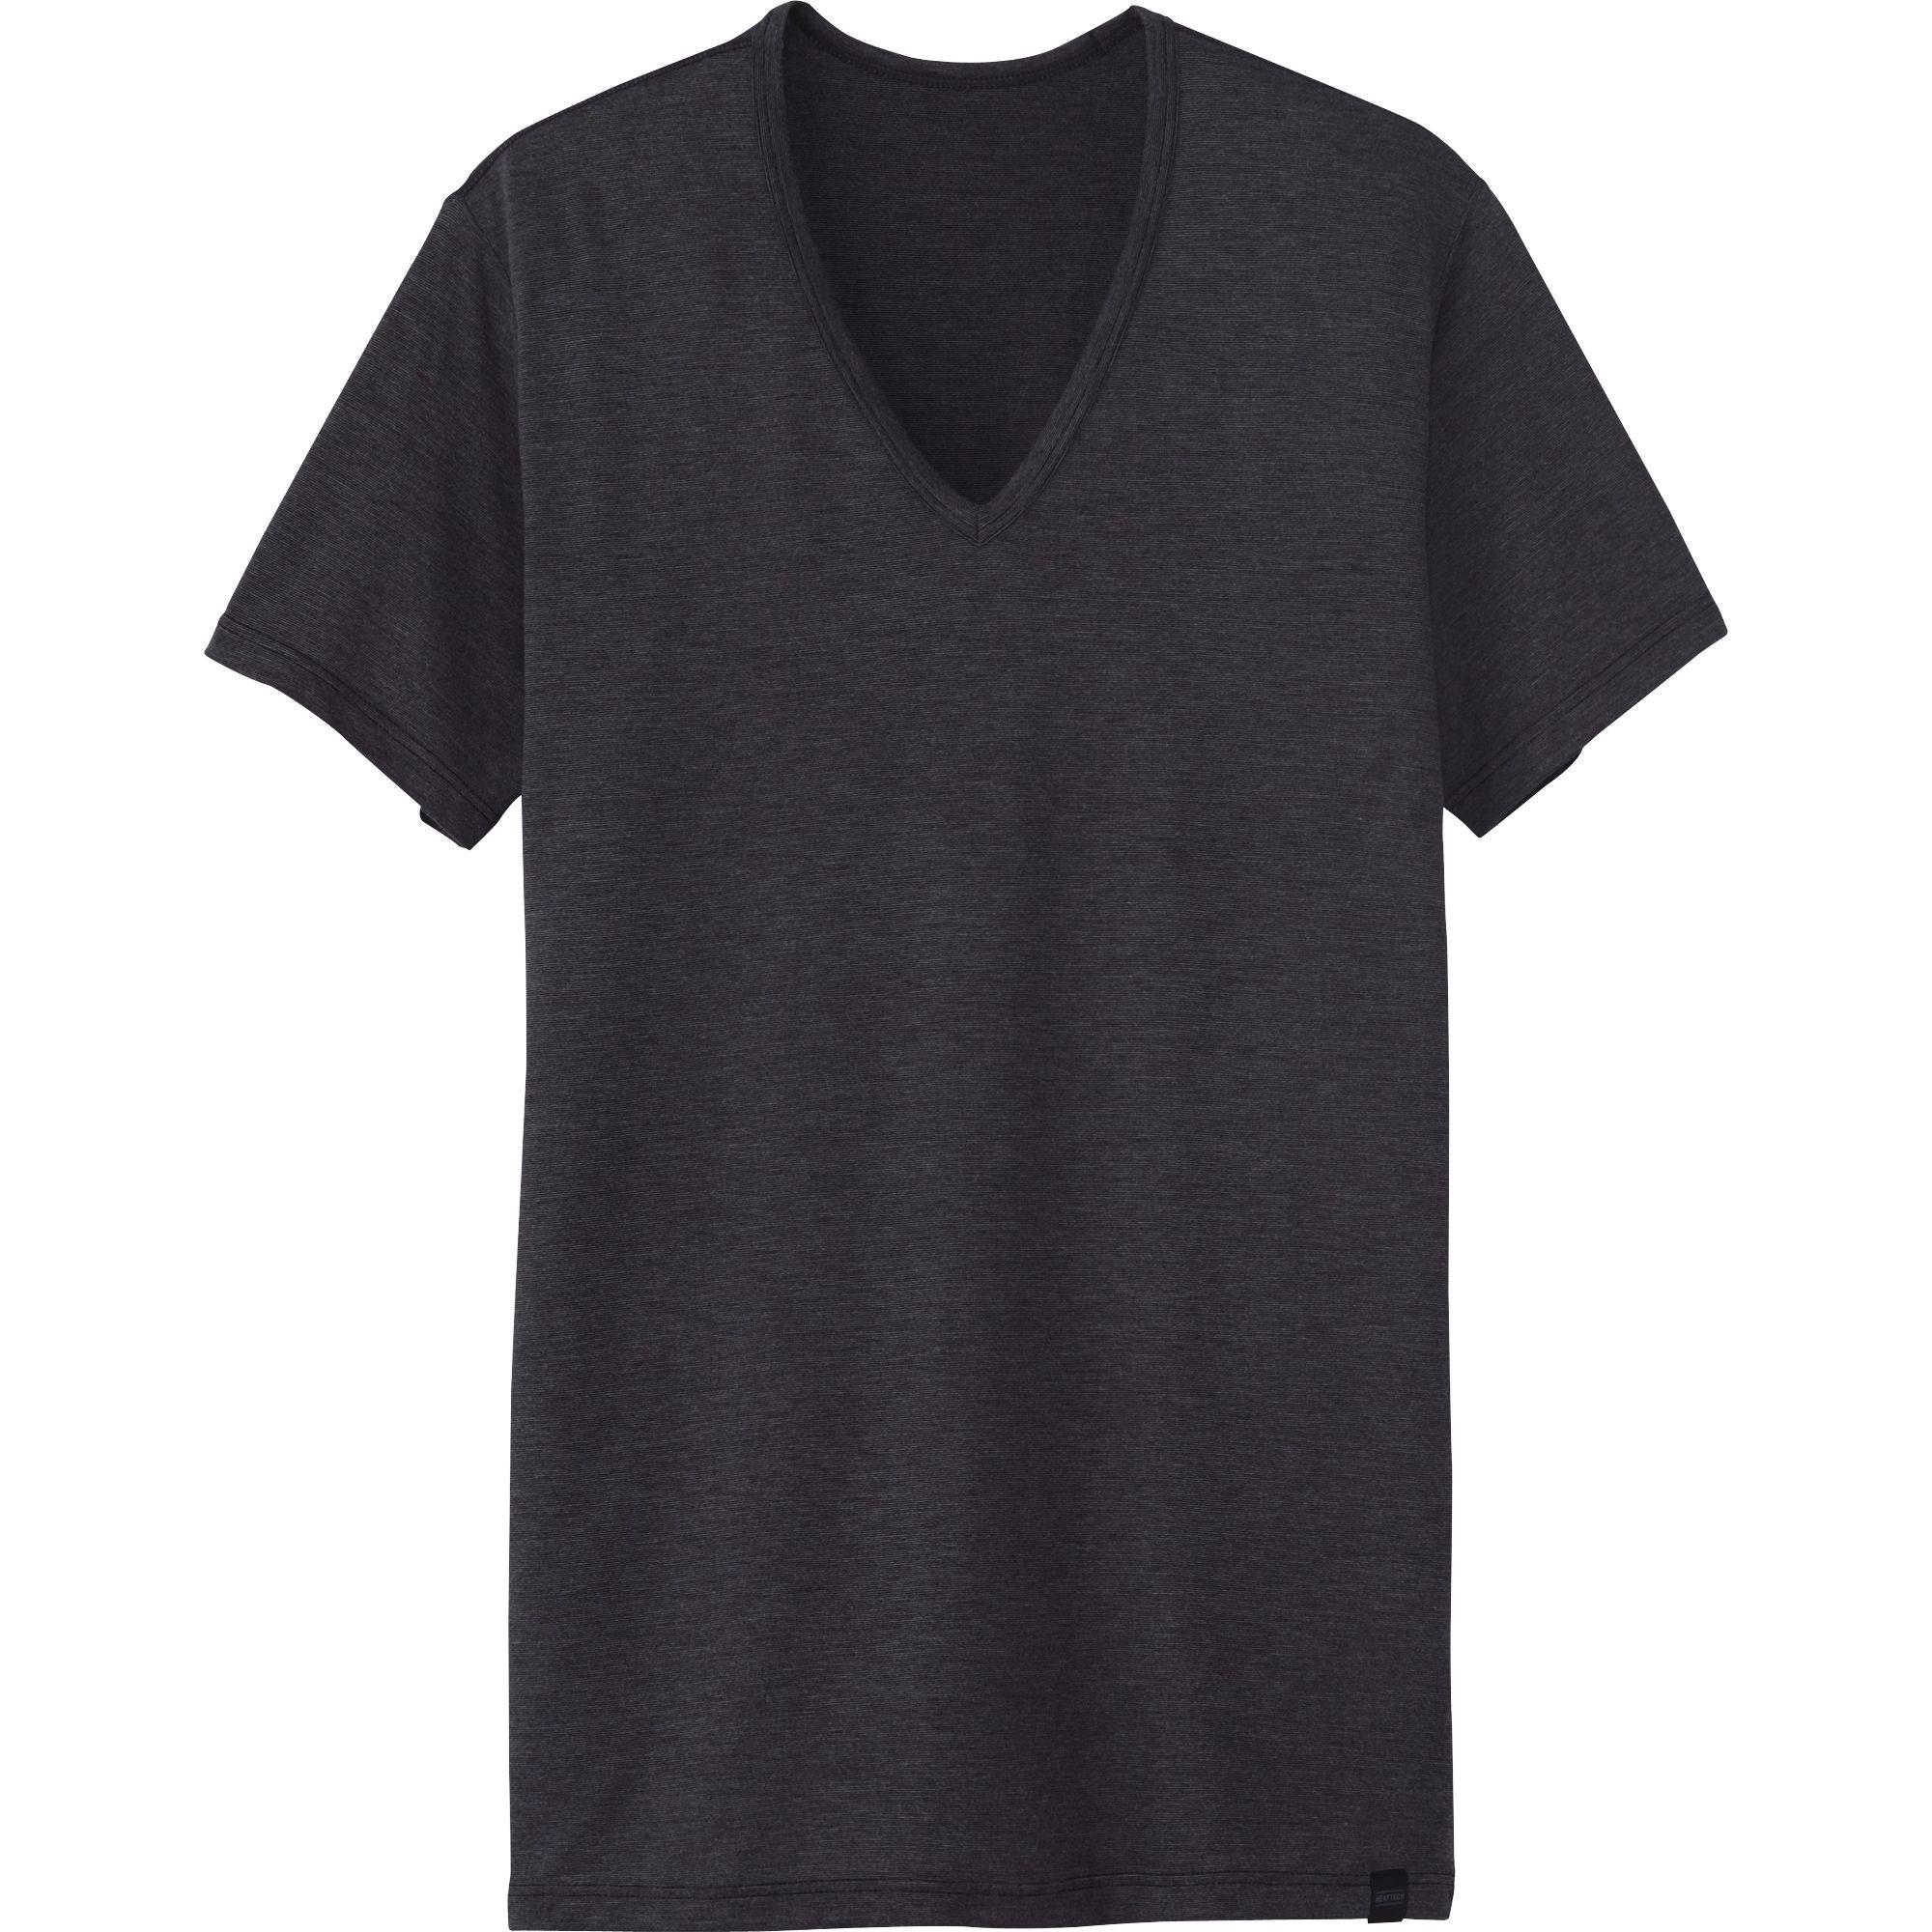 Uniqlo Men Heattech Vneck Short Sleevelv T Shirt In Gray